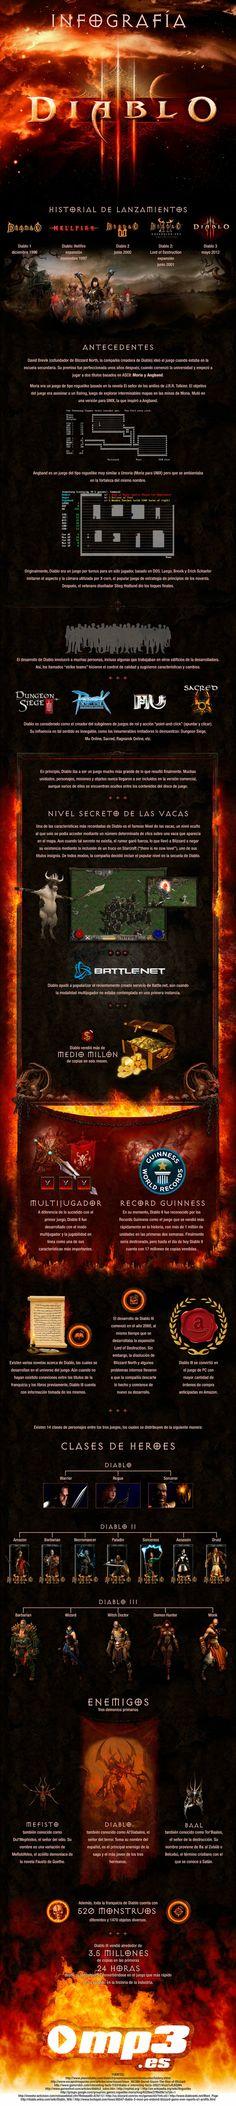 Una recorrida por la historia del juego Diablo, con hechos e información que sorprenden